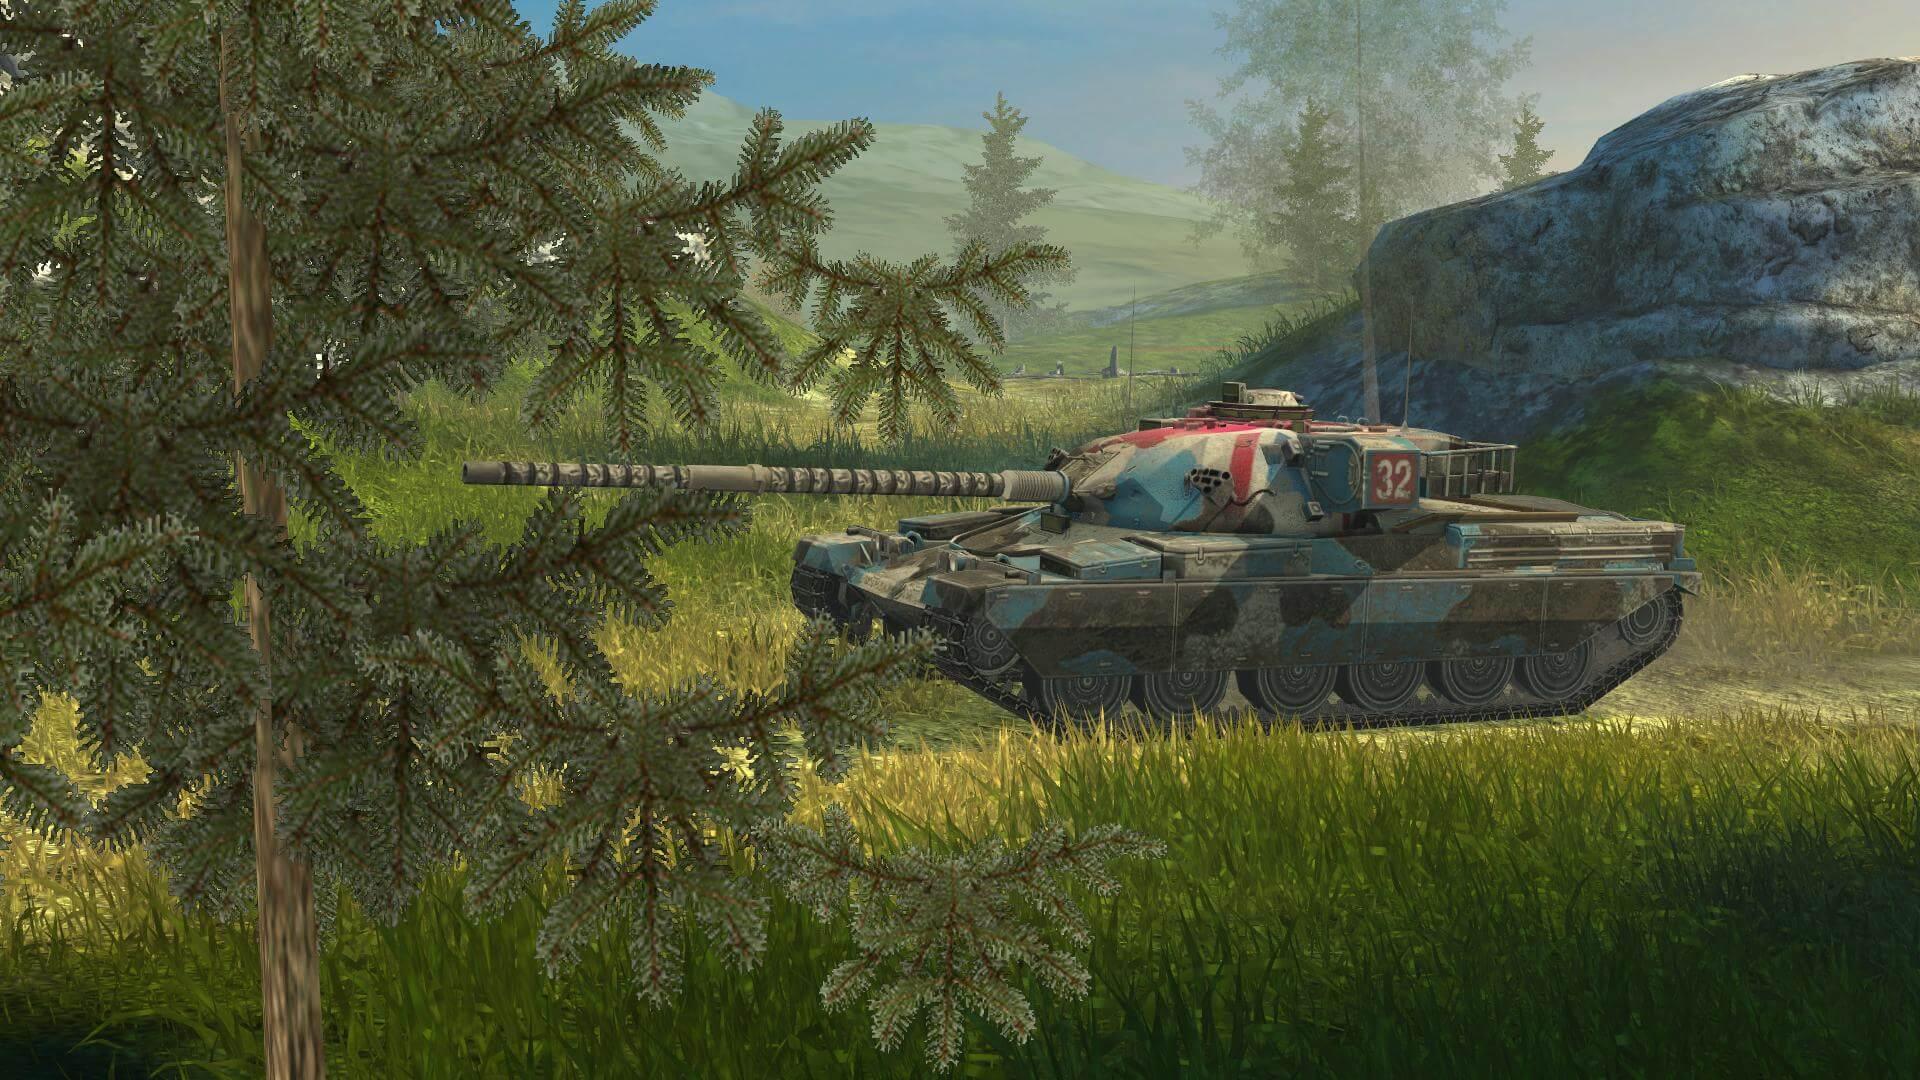 09-chieftain-mk6-royal_0.jpg